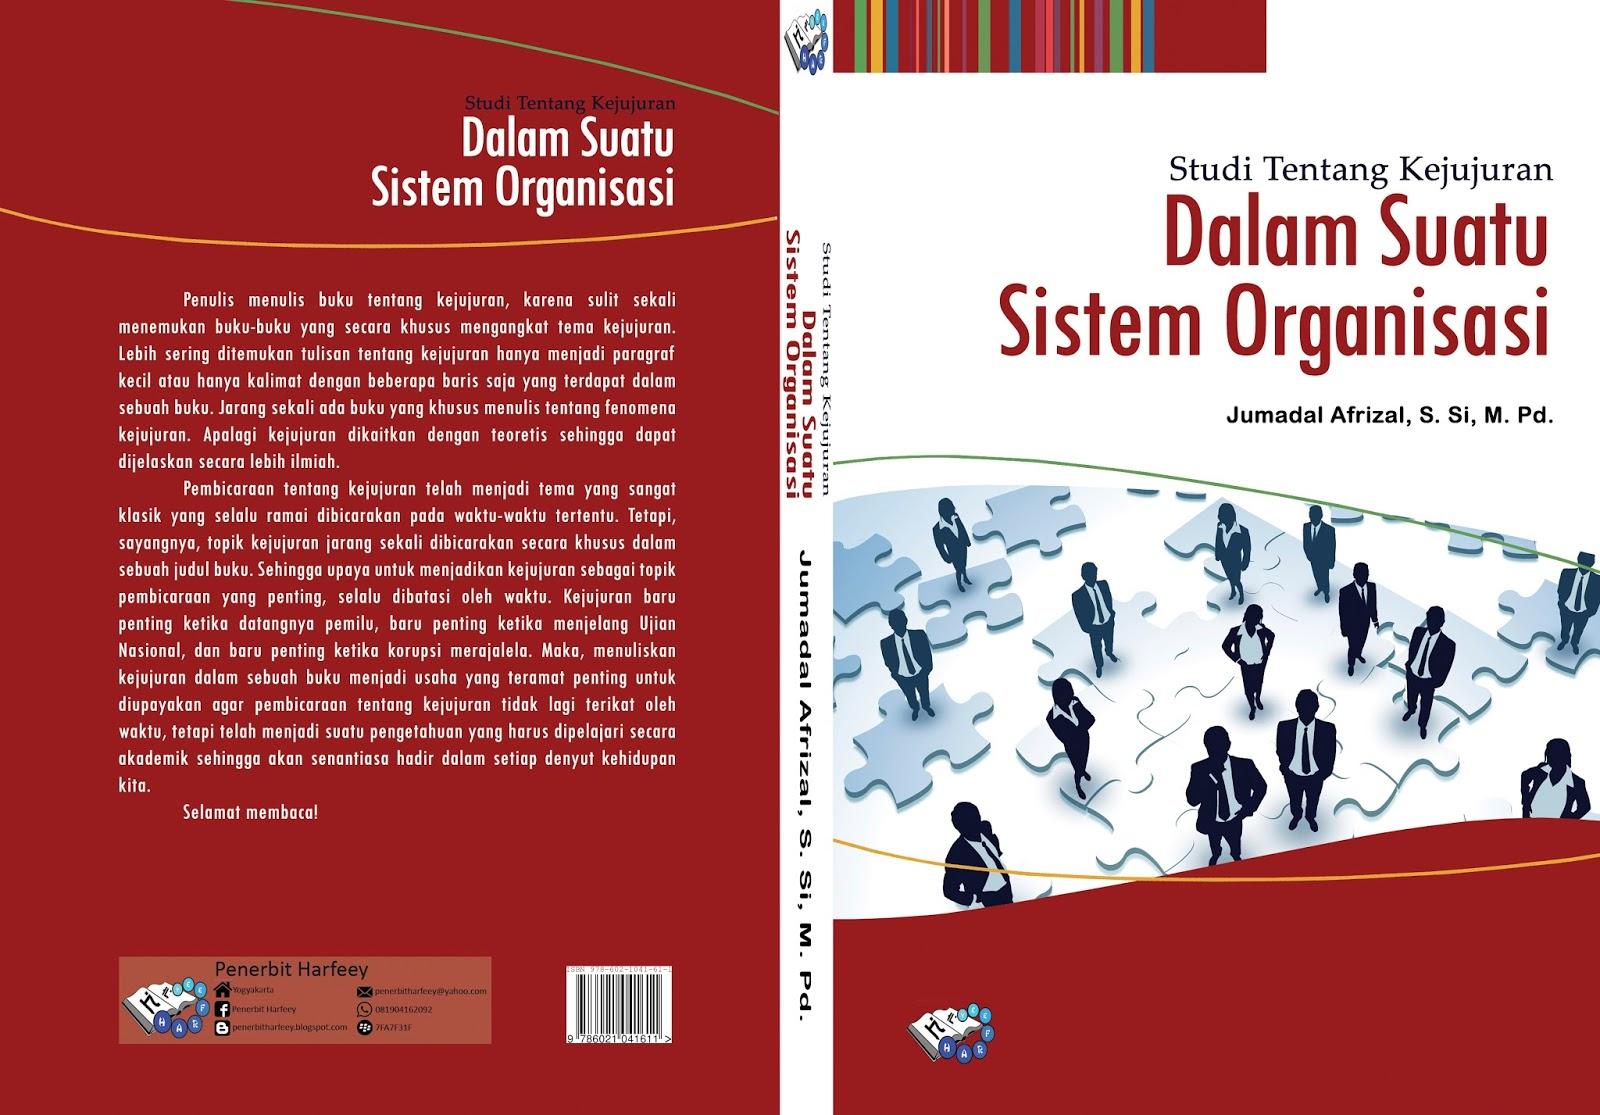 Cover Buku - Studi Tentang Kejujuran & Studi Tentang Kejujuran dalam Suatu Sistem Organisasi | BLOG JUMADAL ...